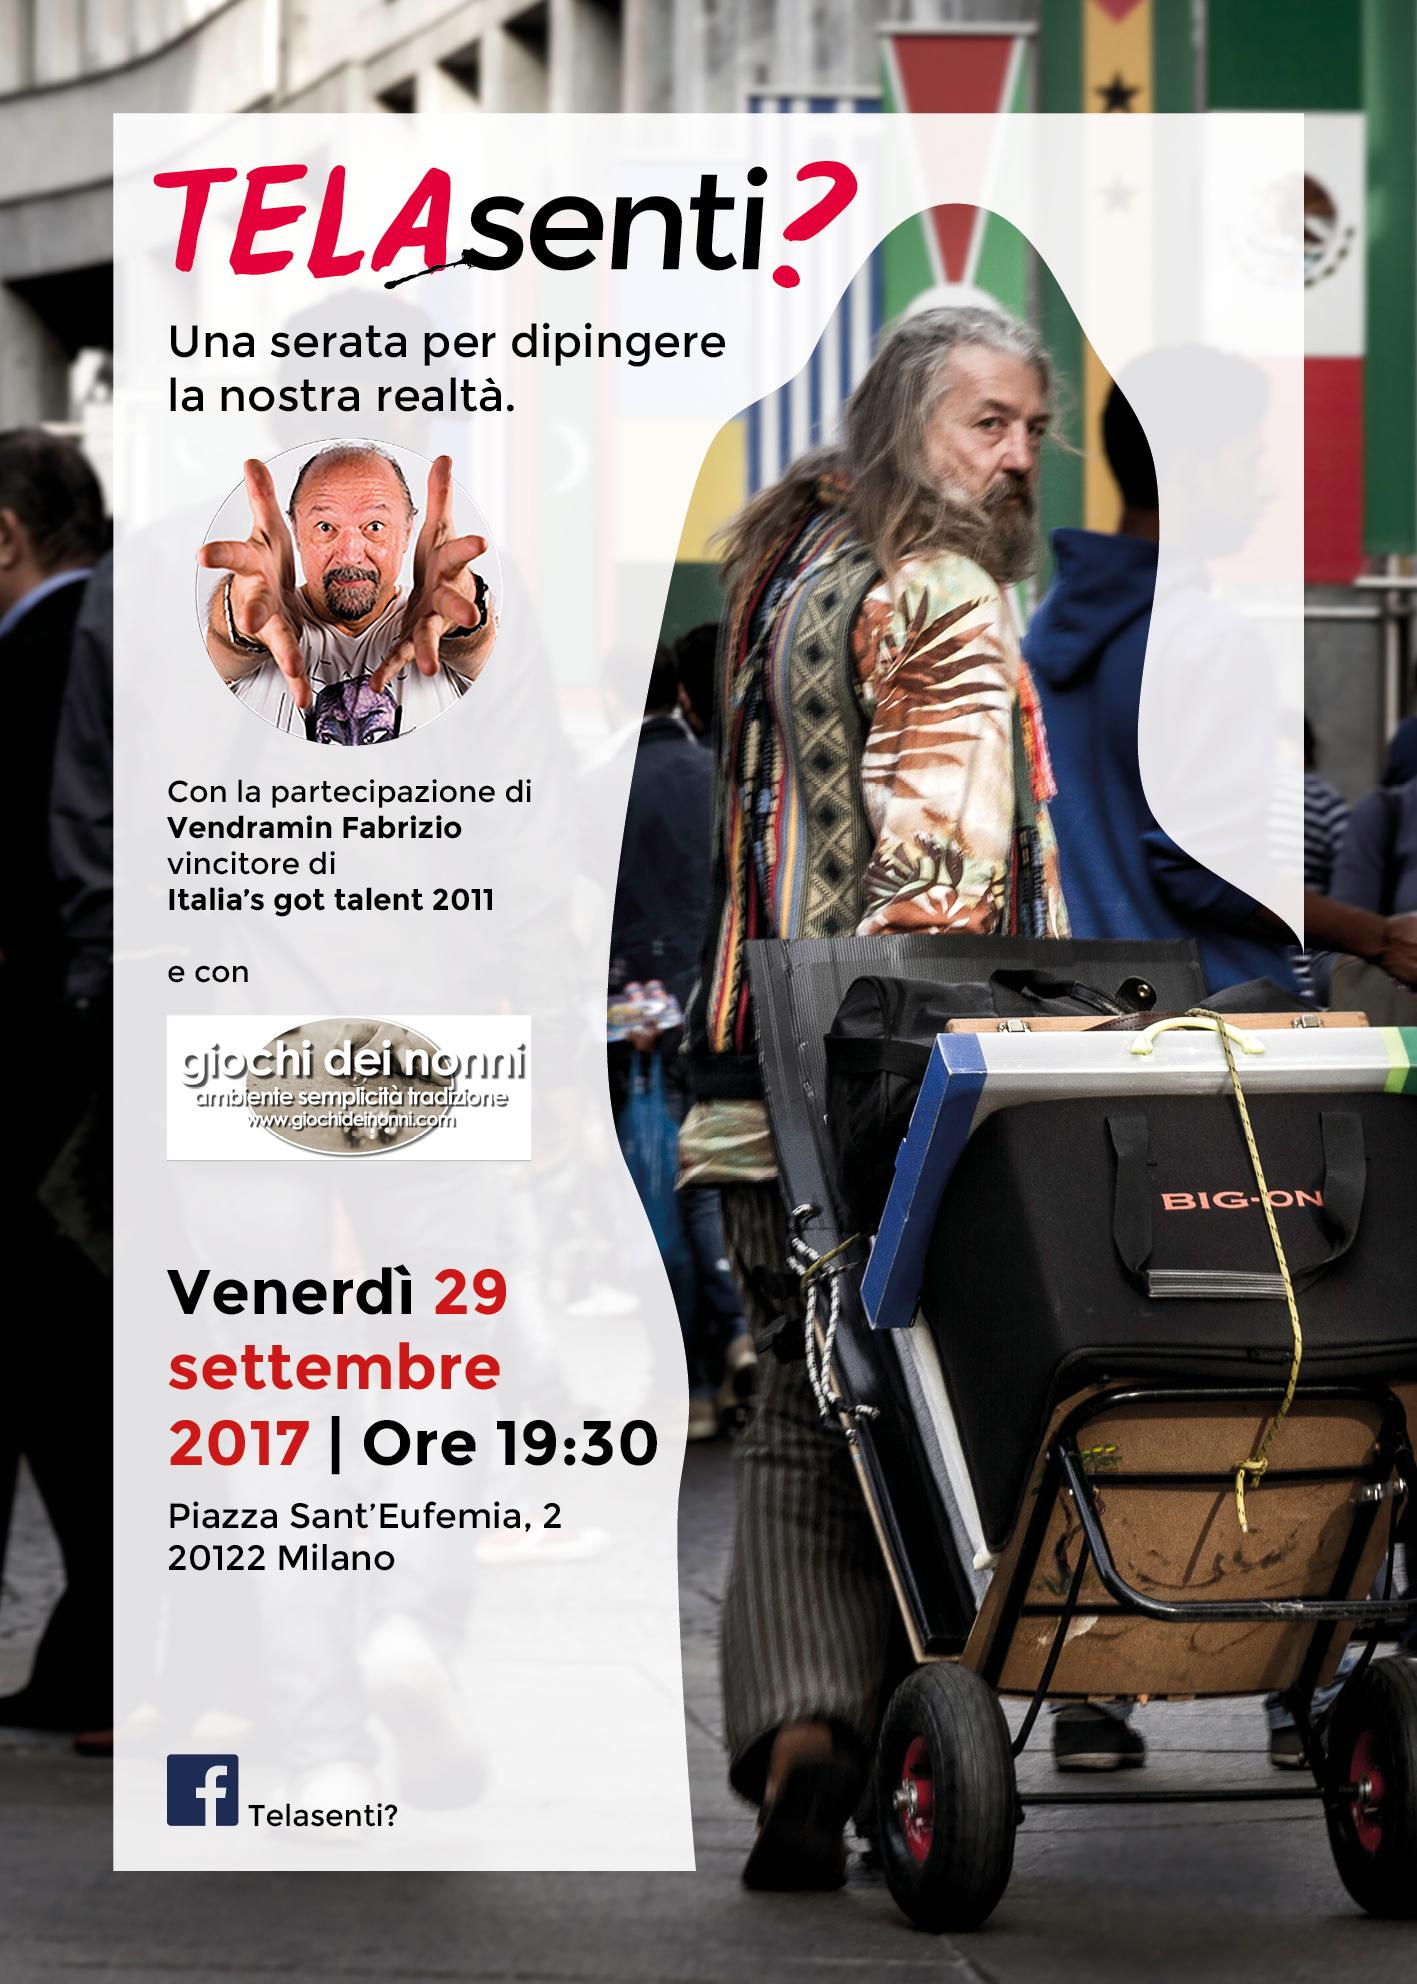 percorso ludico culturale Giochi dei Nonni presso Milano piazza Sant'Eufemia - Telasenti?